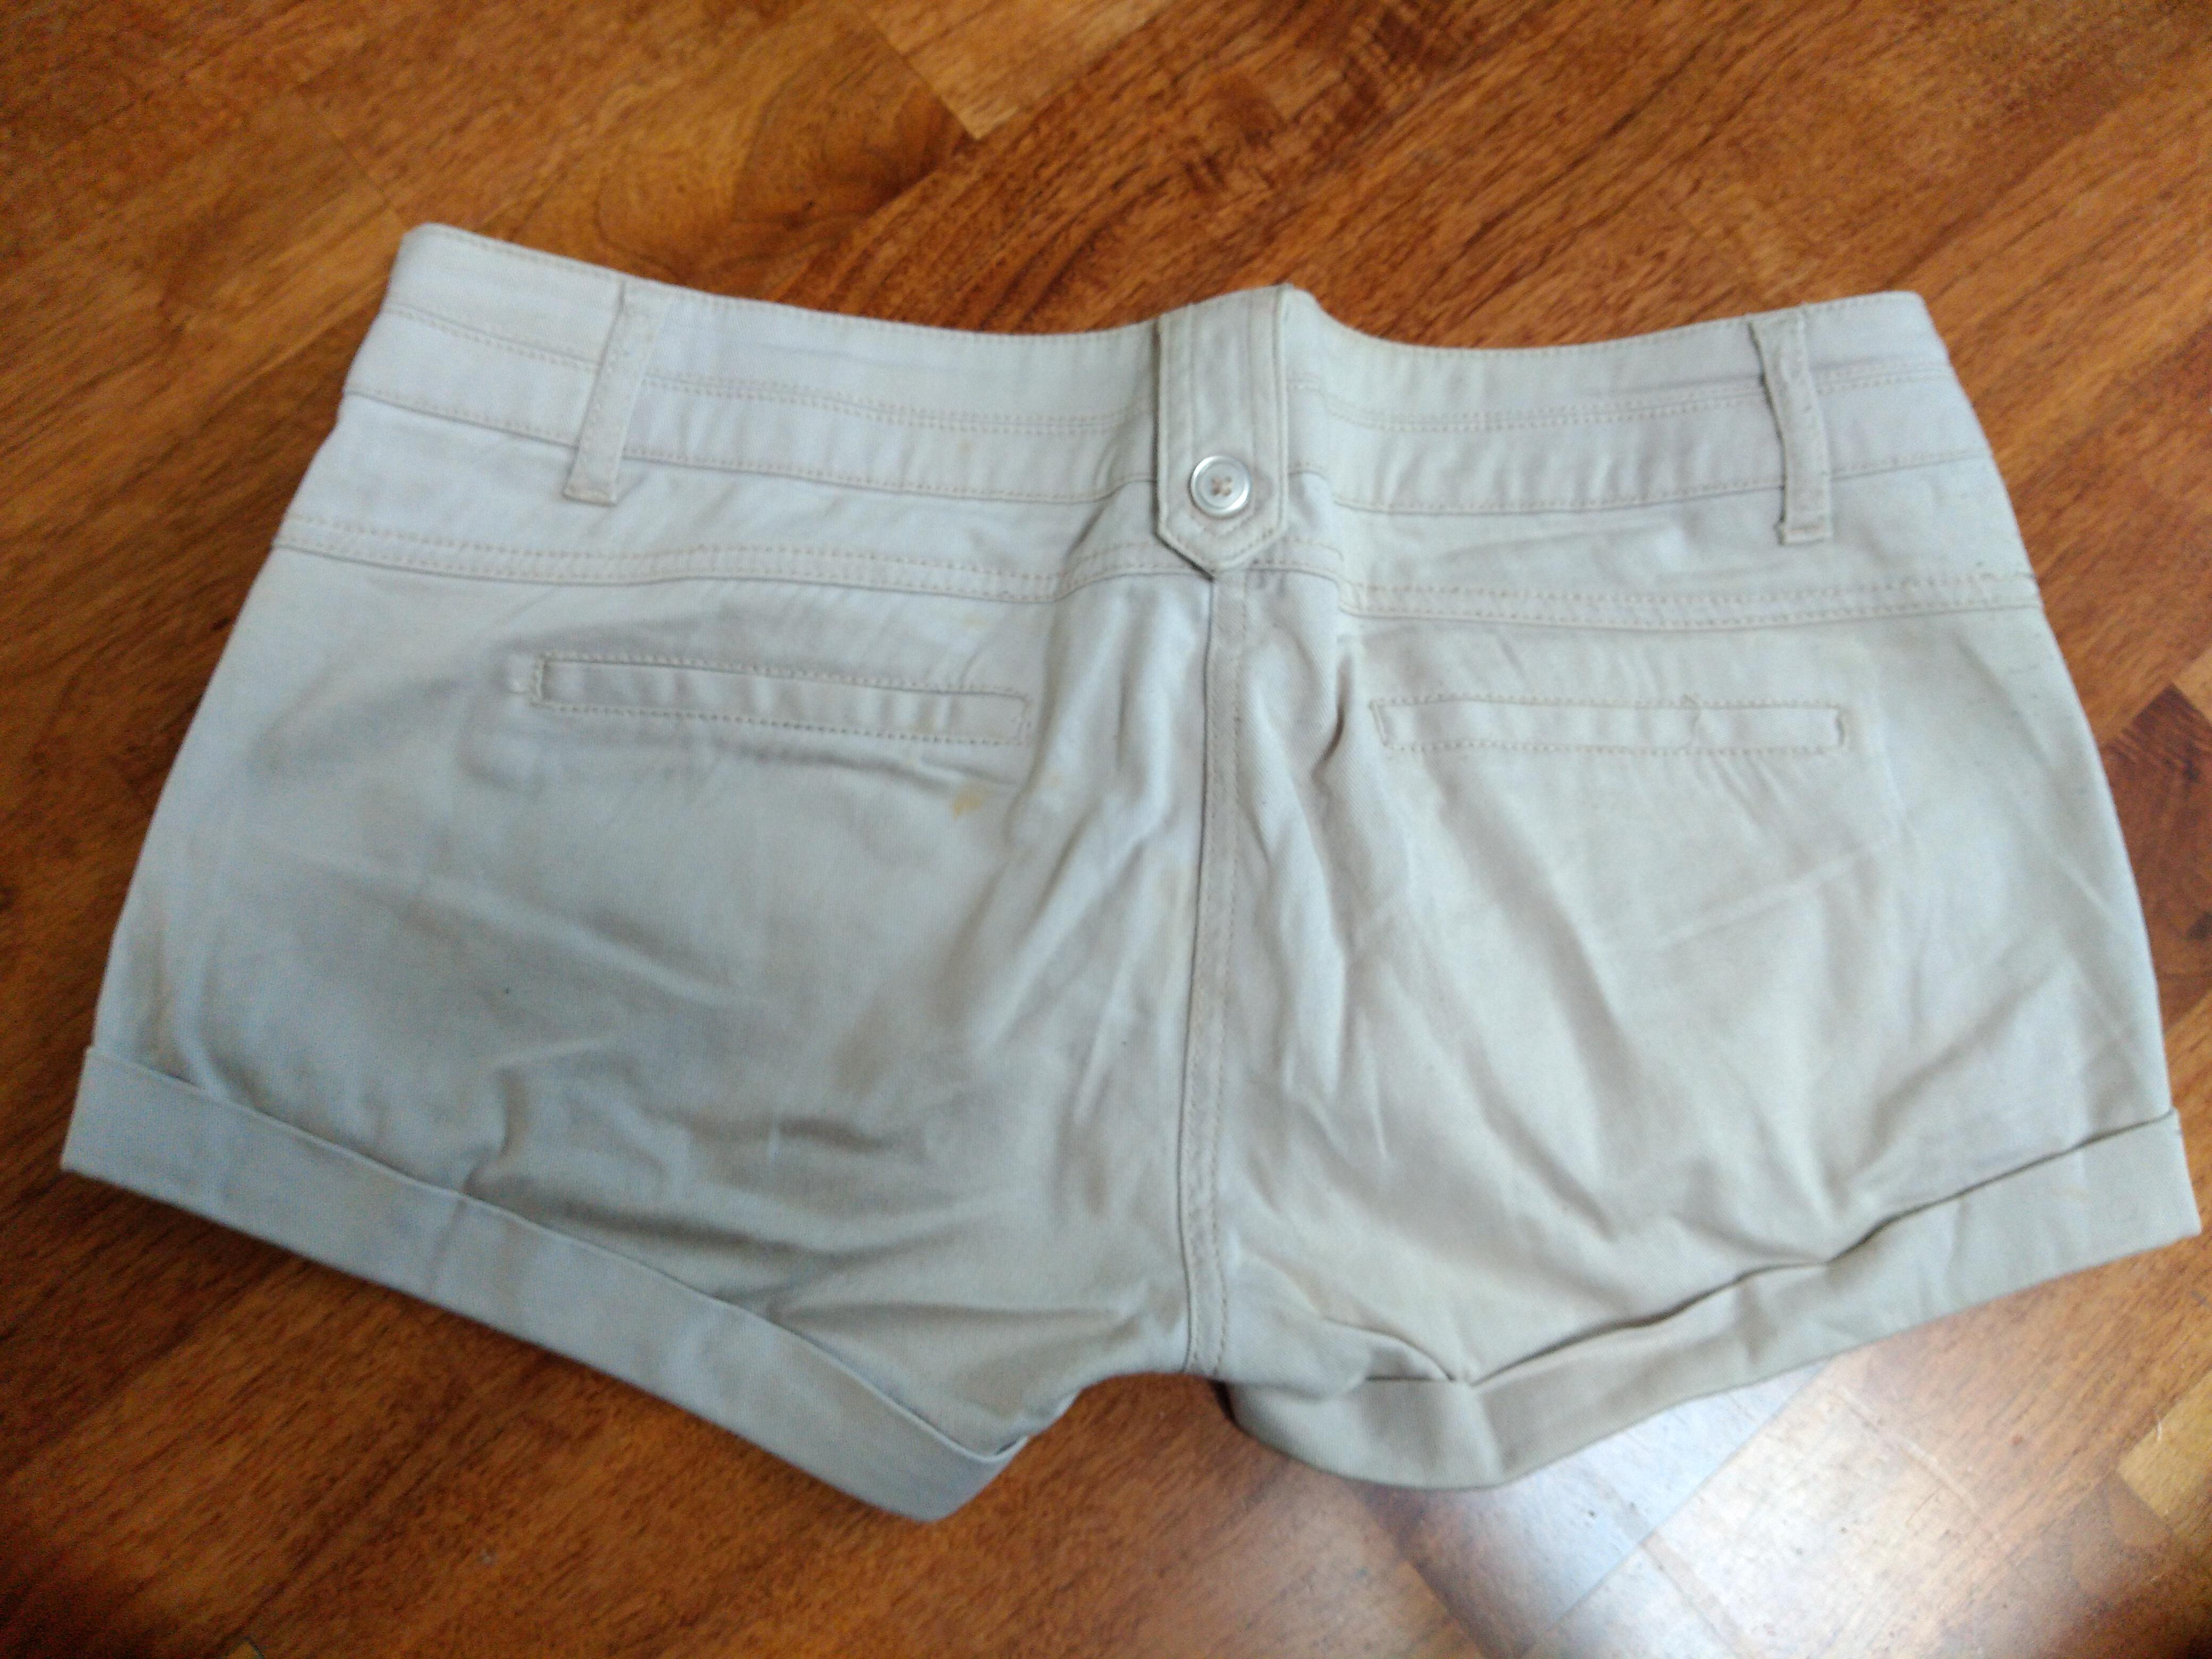 kurze Hose beige Shorts Gr M kostenlos